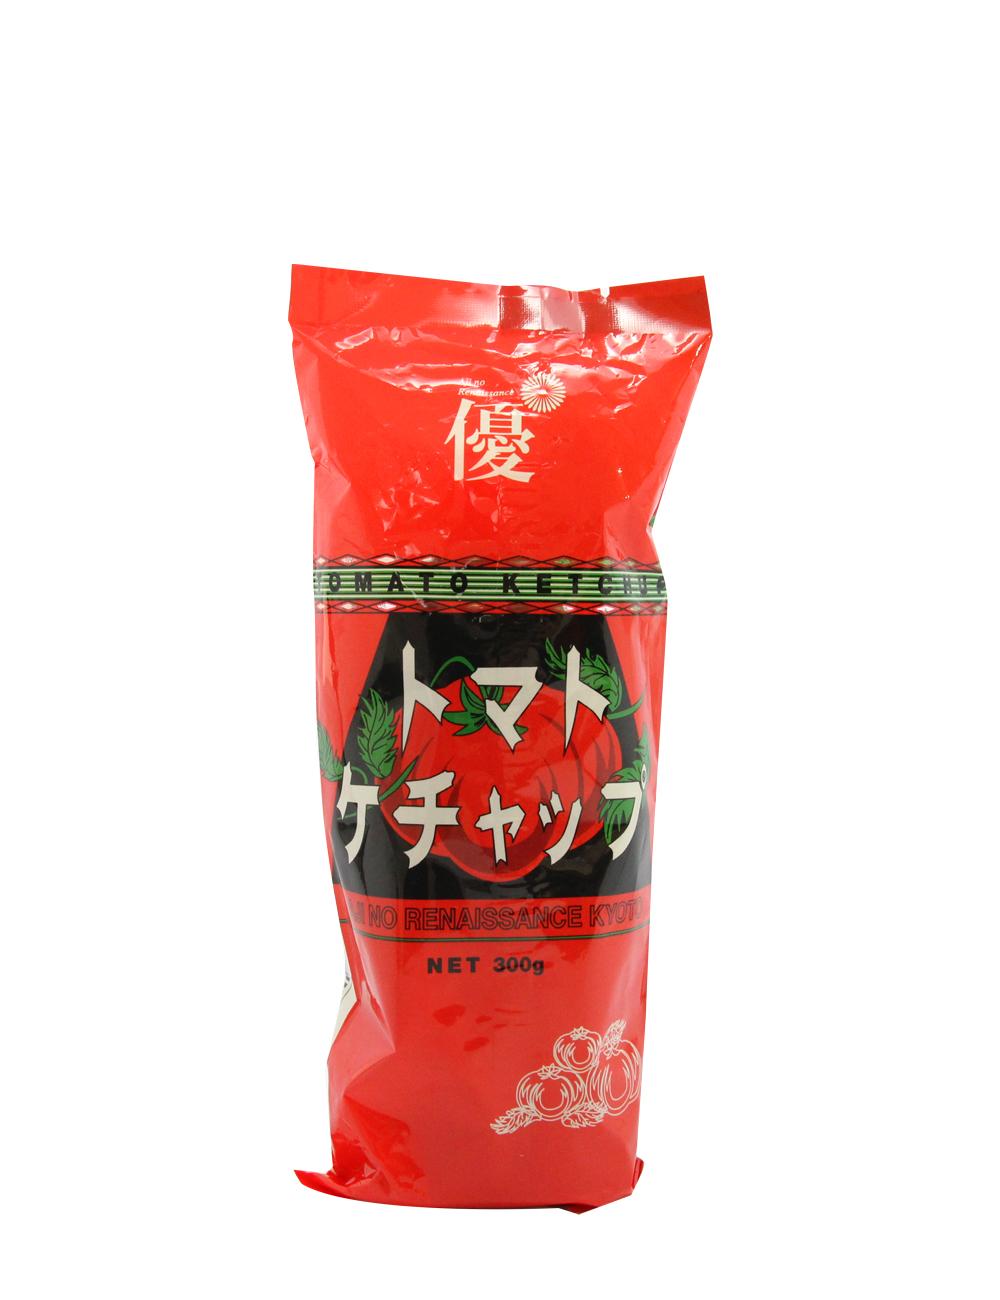 トマトケチャップ 京都 ユーサイド